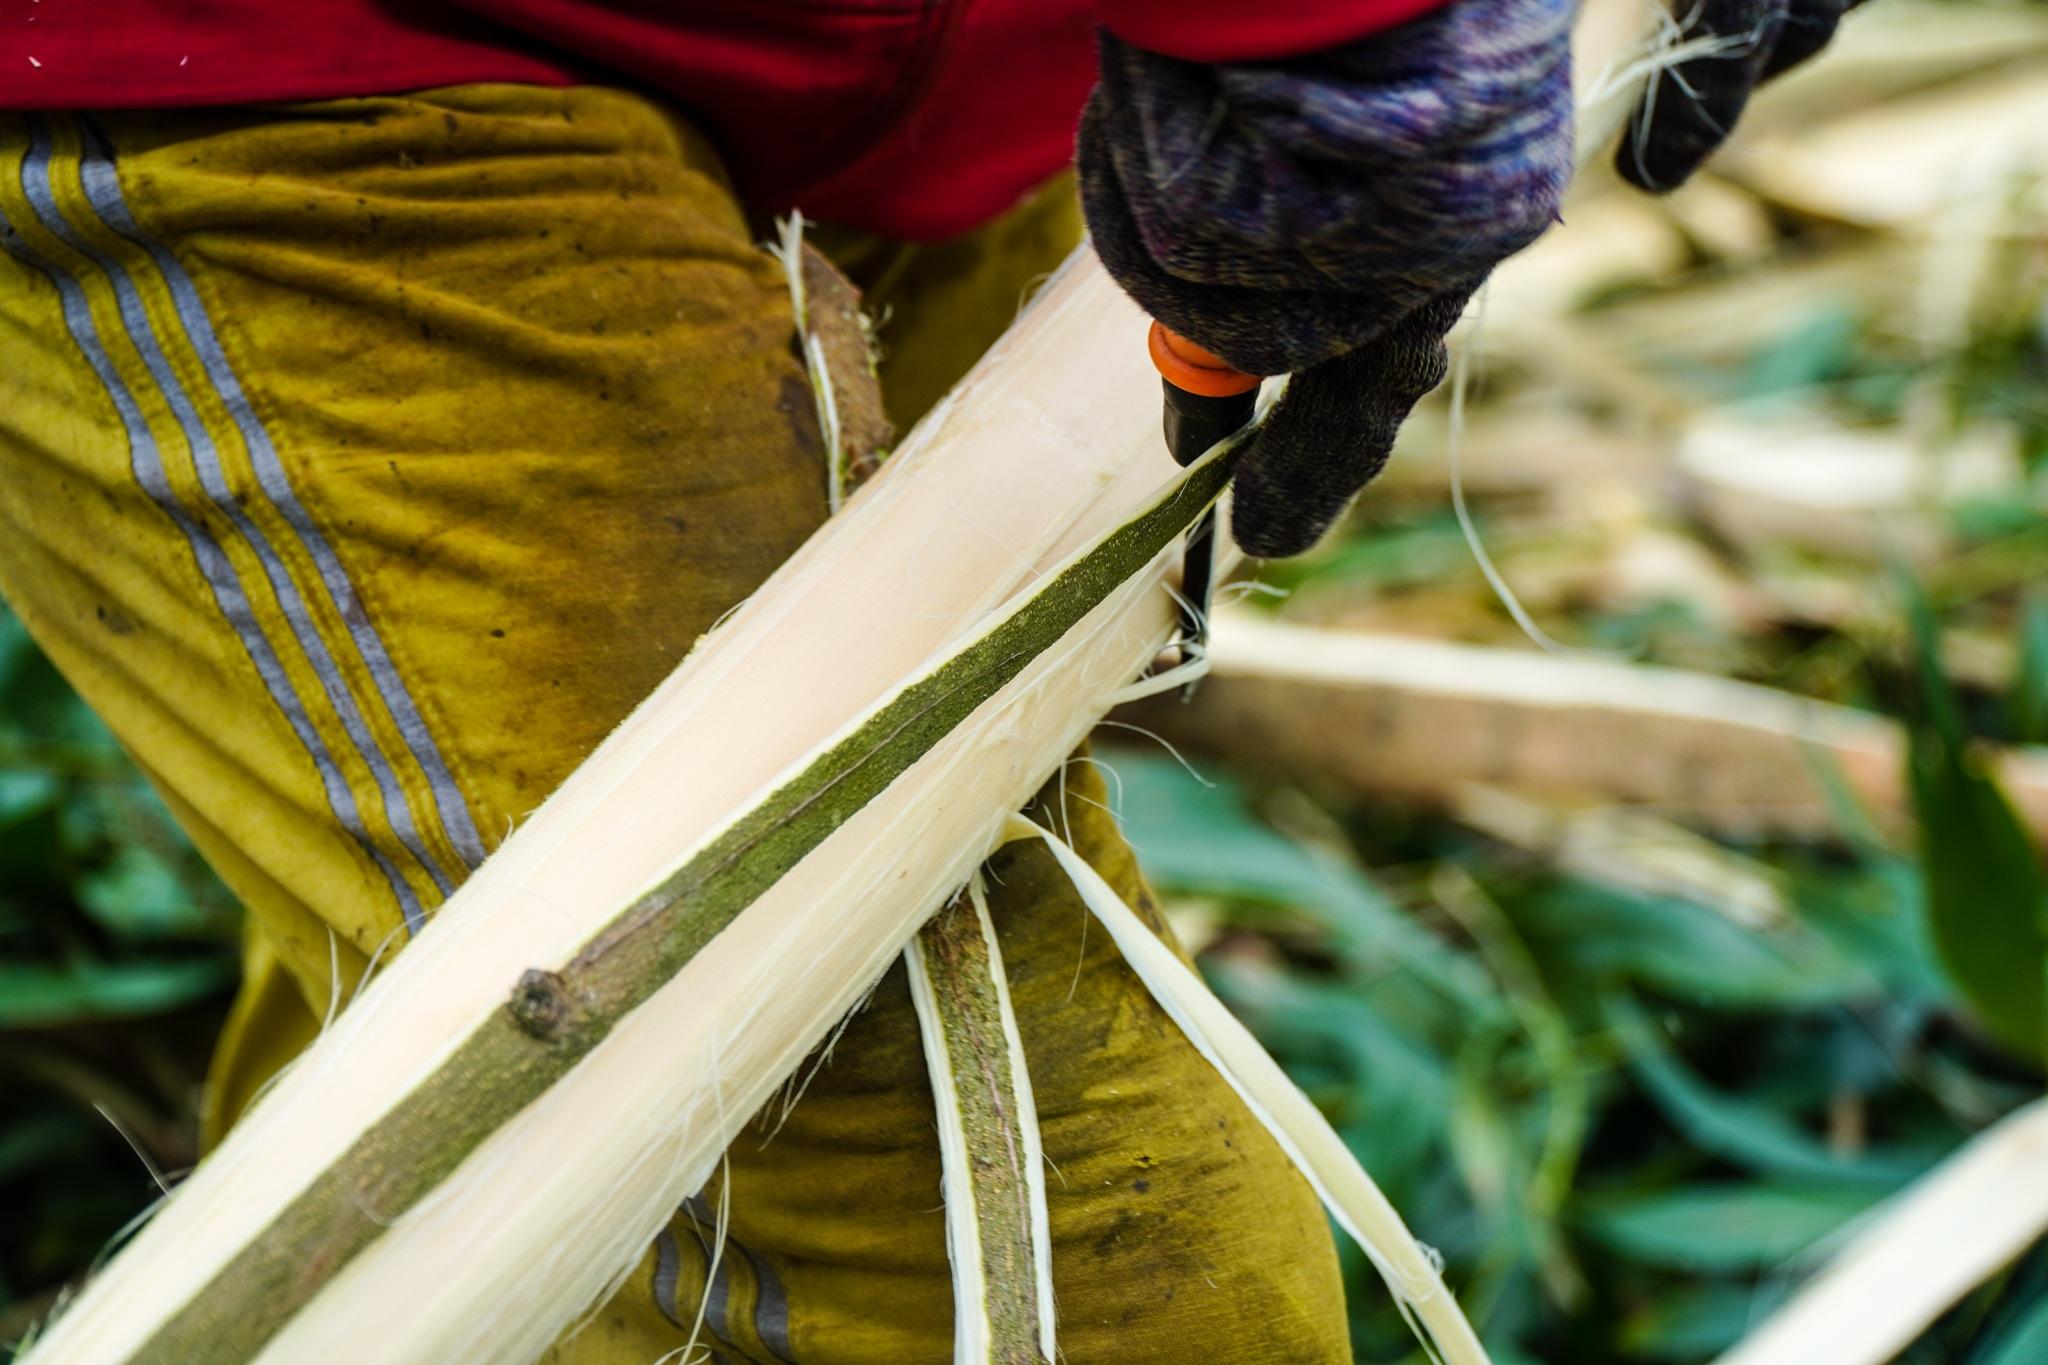 Nông dân Huế hối hả thu hoạch keo lá tràm chạy bão - 11